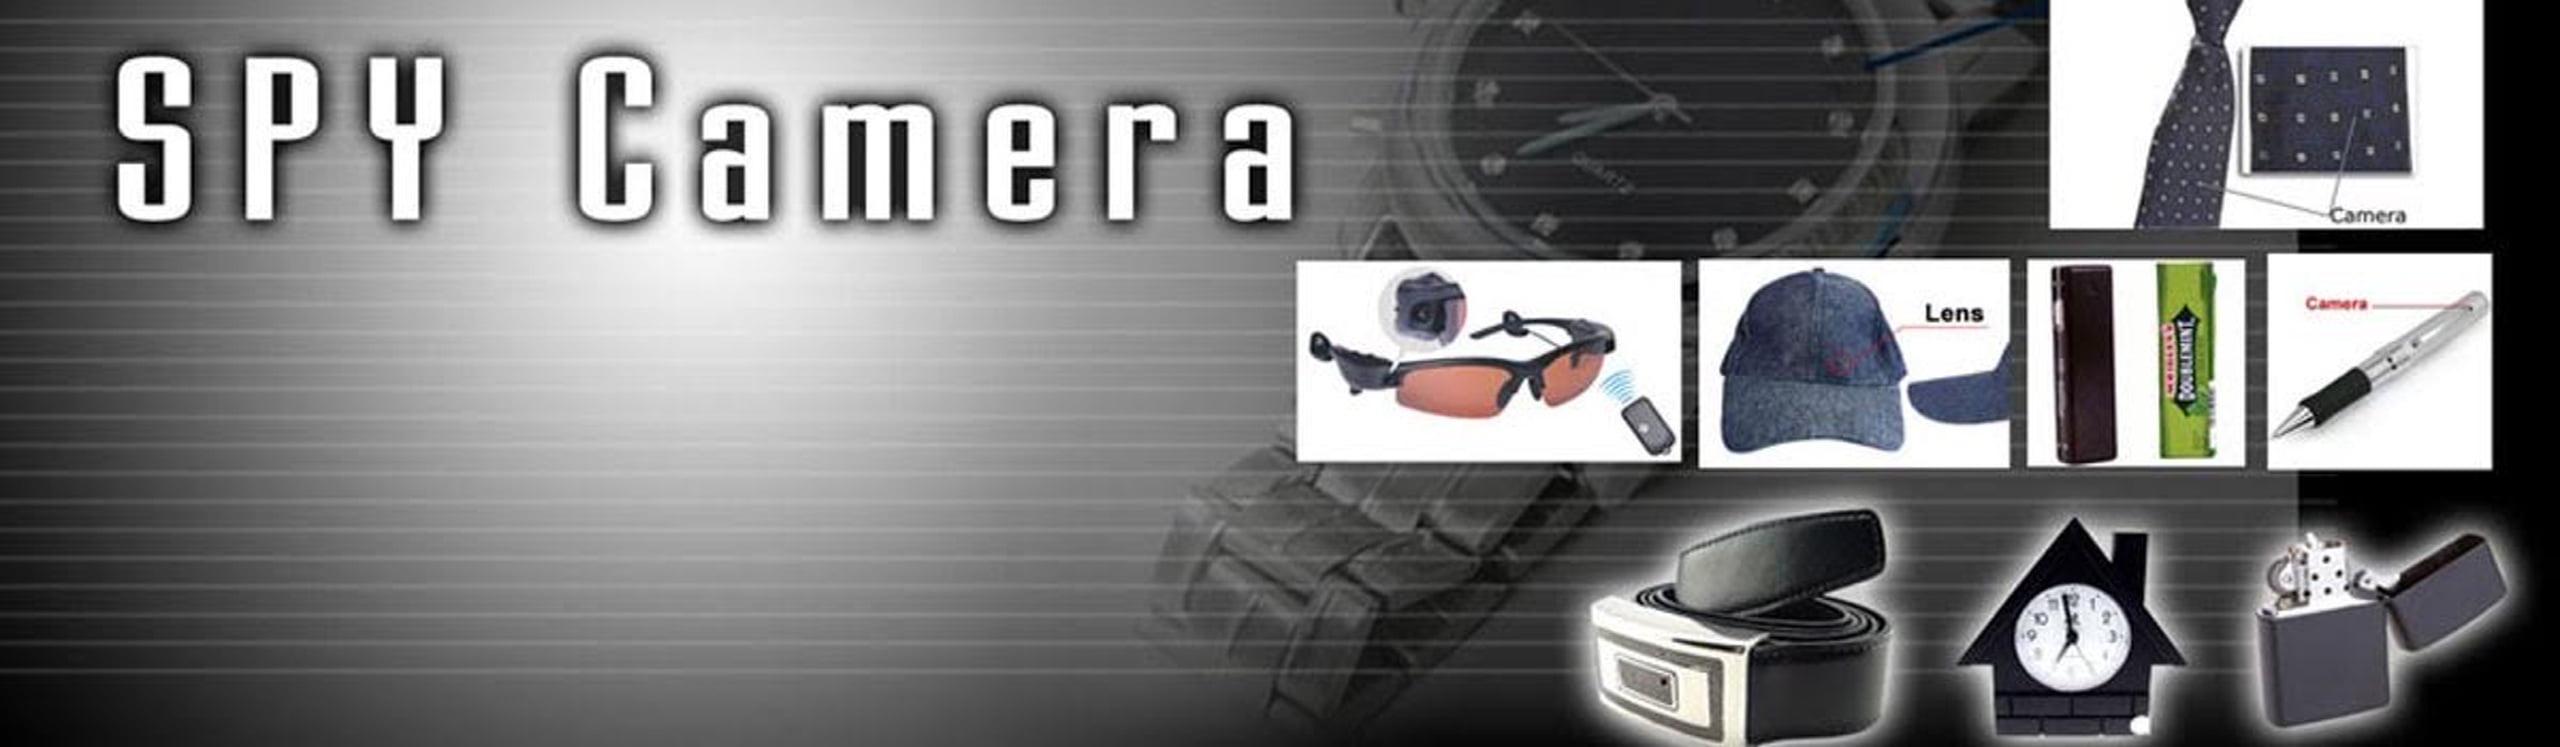 Top 5 Camera ngụy trang quay lén dễ sử dụng và kín đáo nhất hiện nay